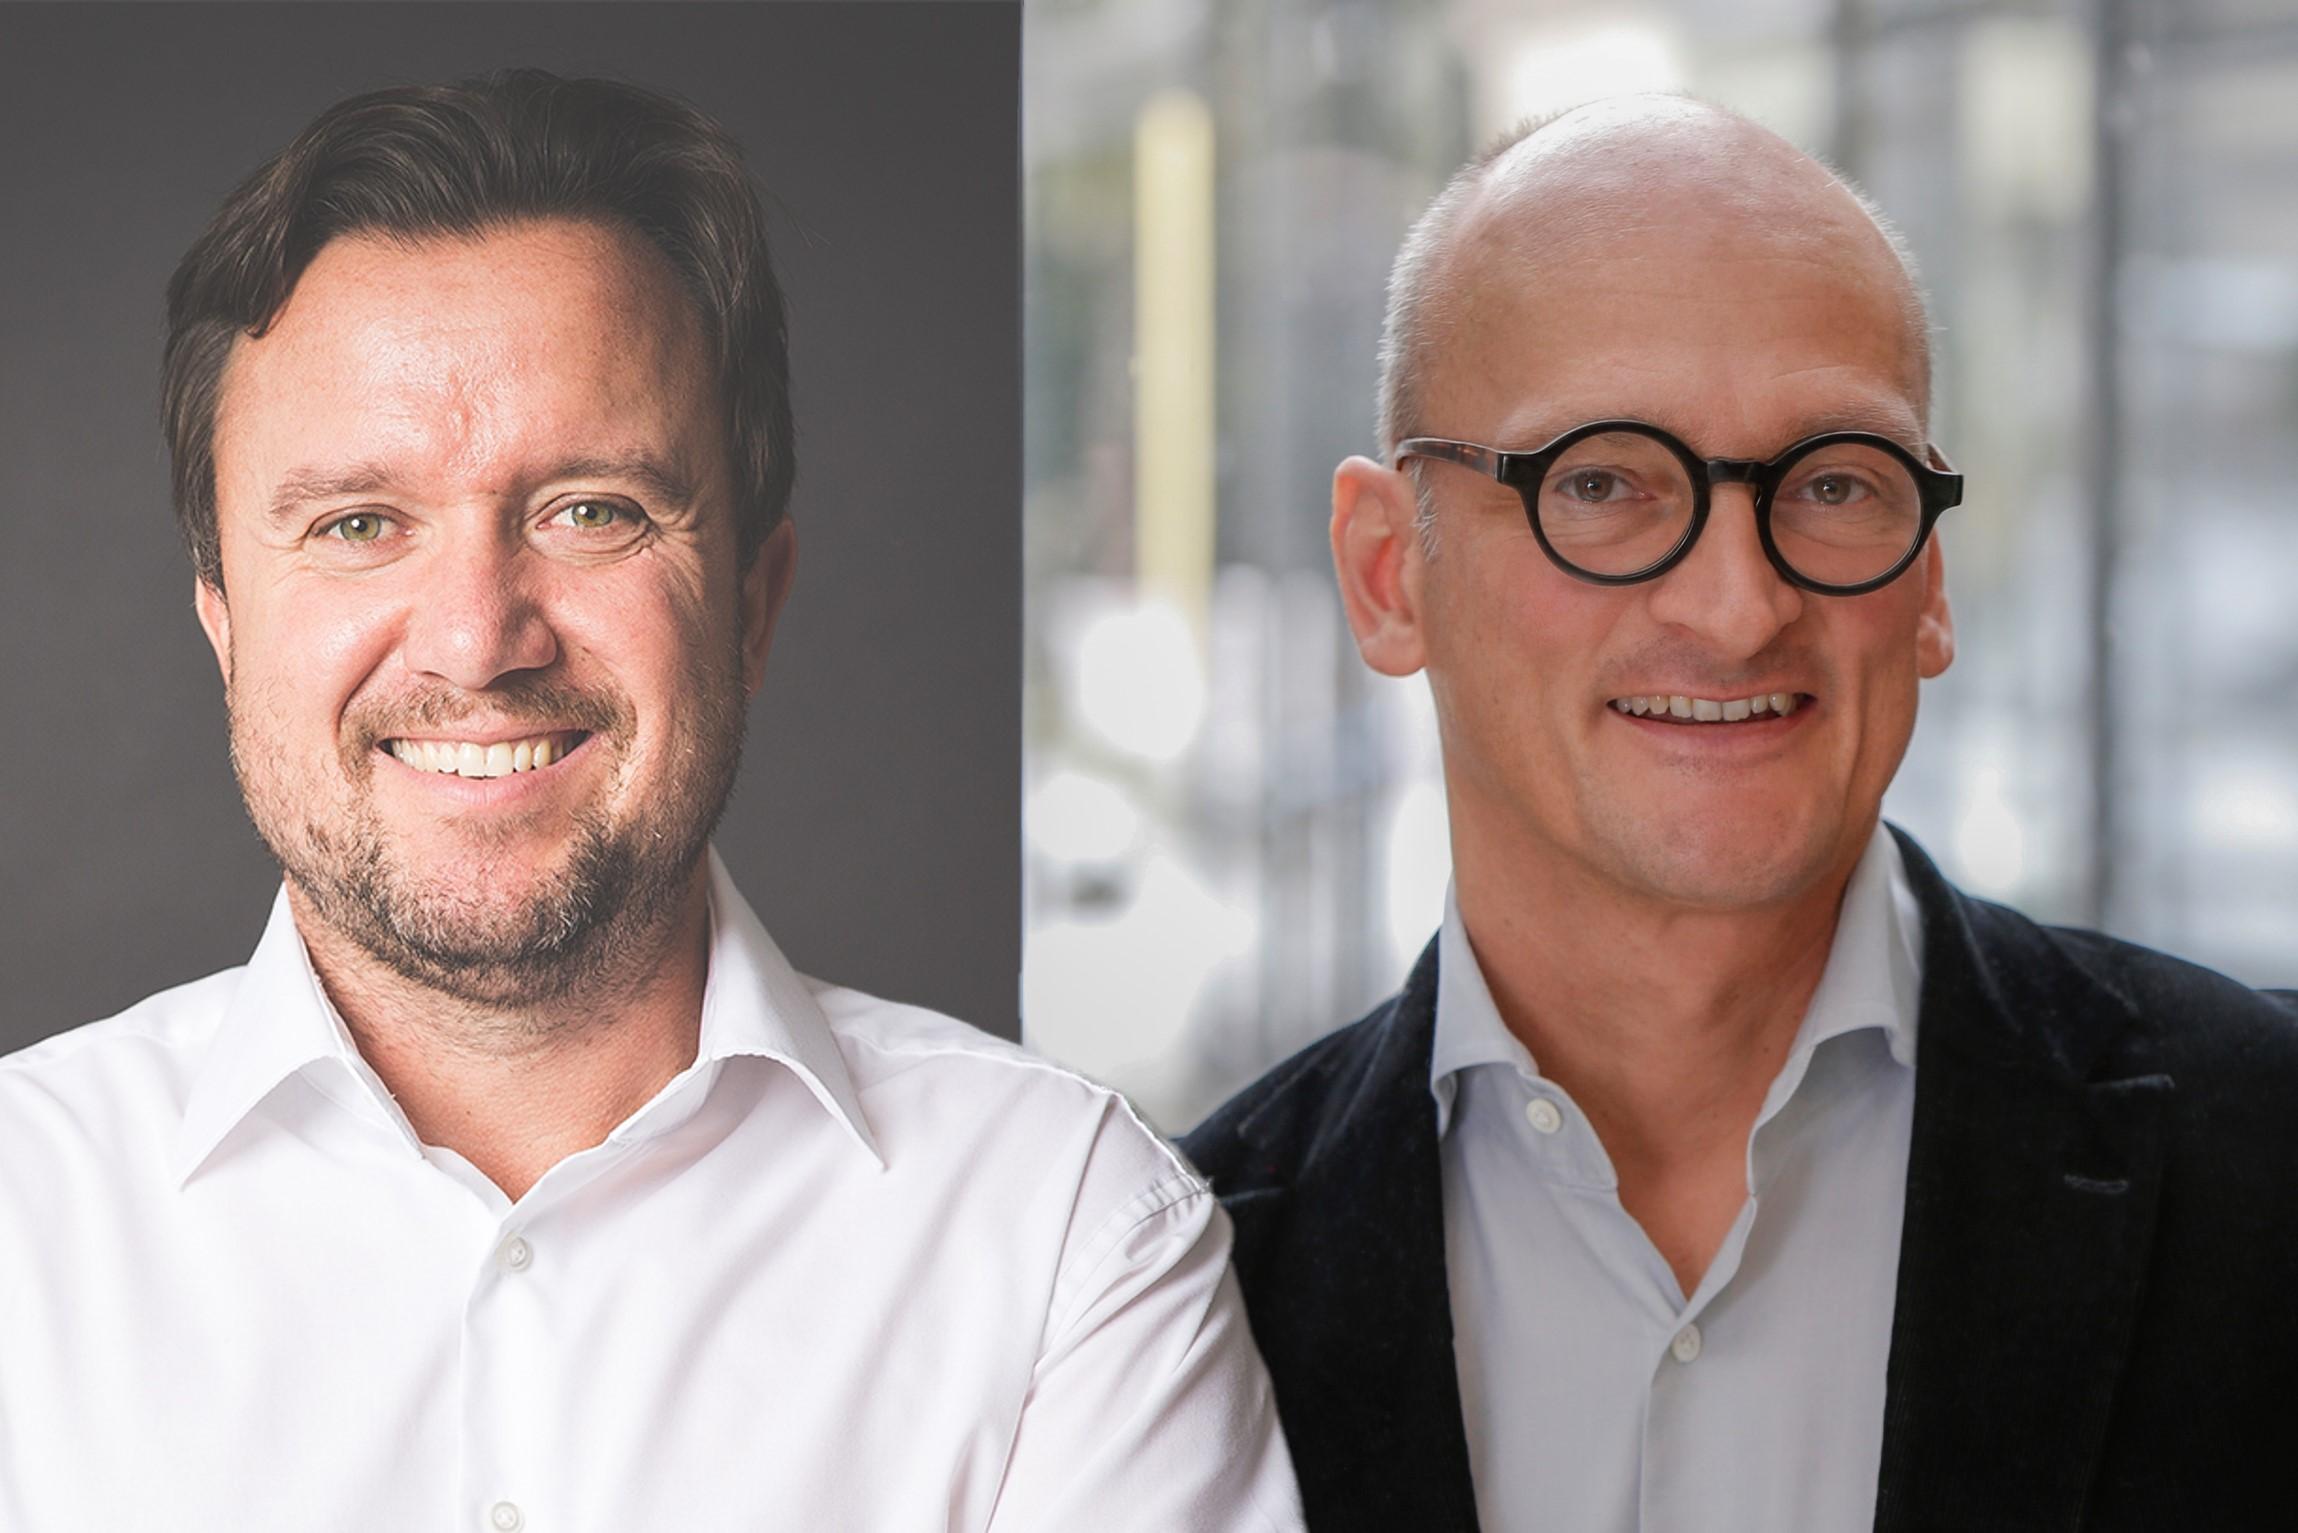 Bild von André Soulier, CEO Nayoki, und Oliver Hey, Geschäftsführer Mediaplus.